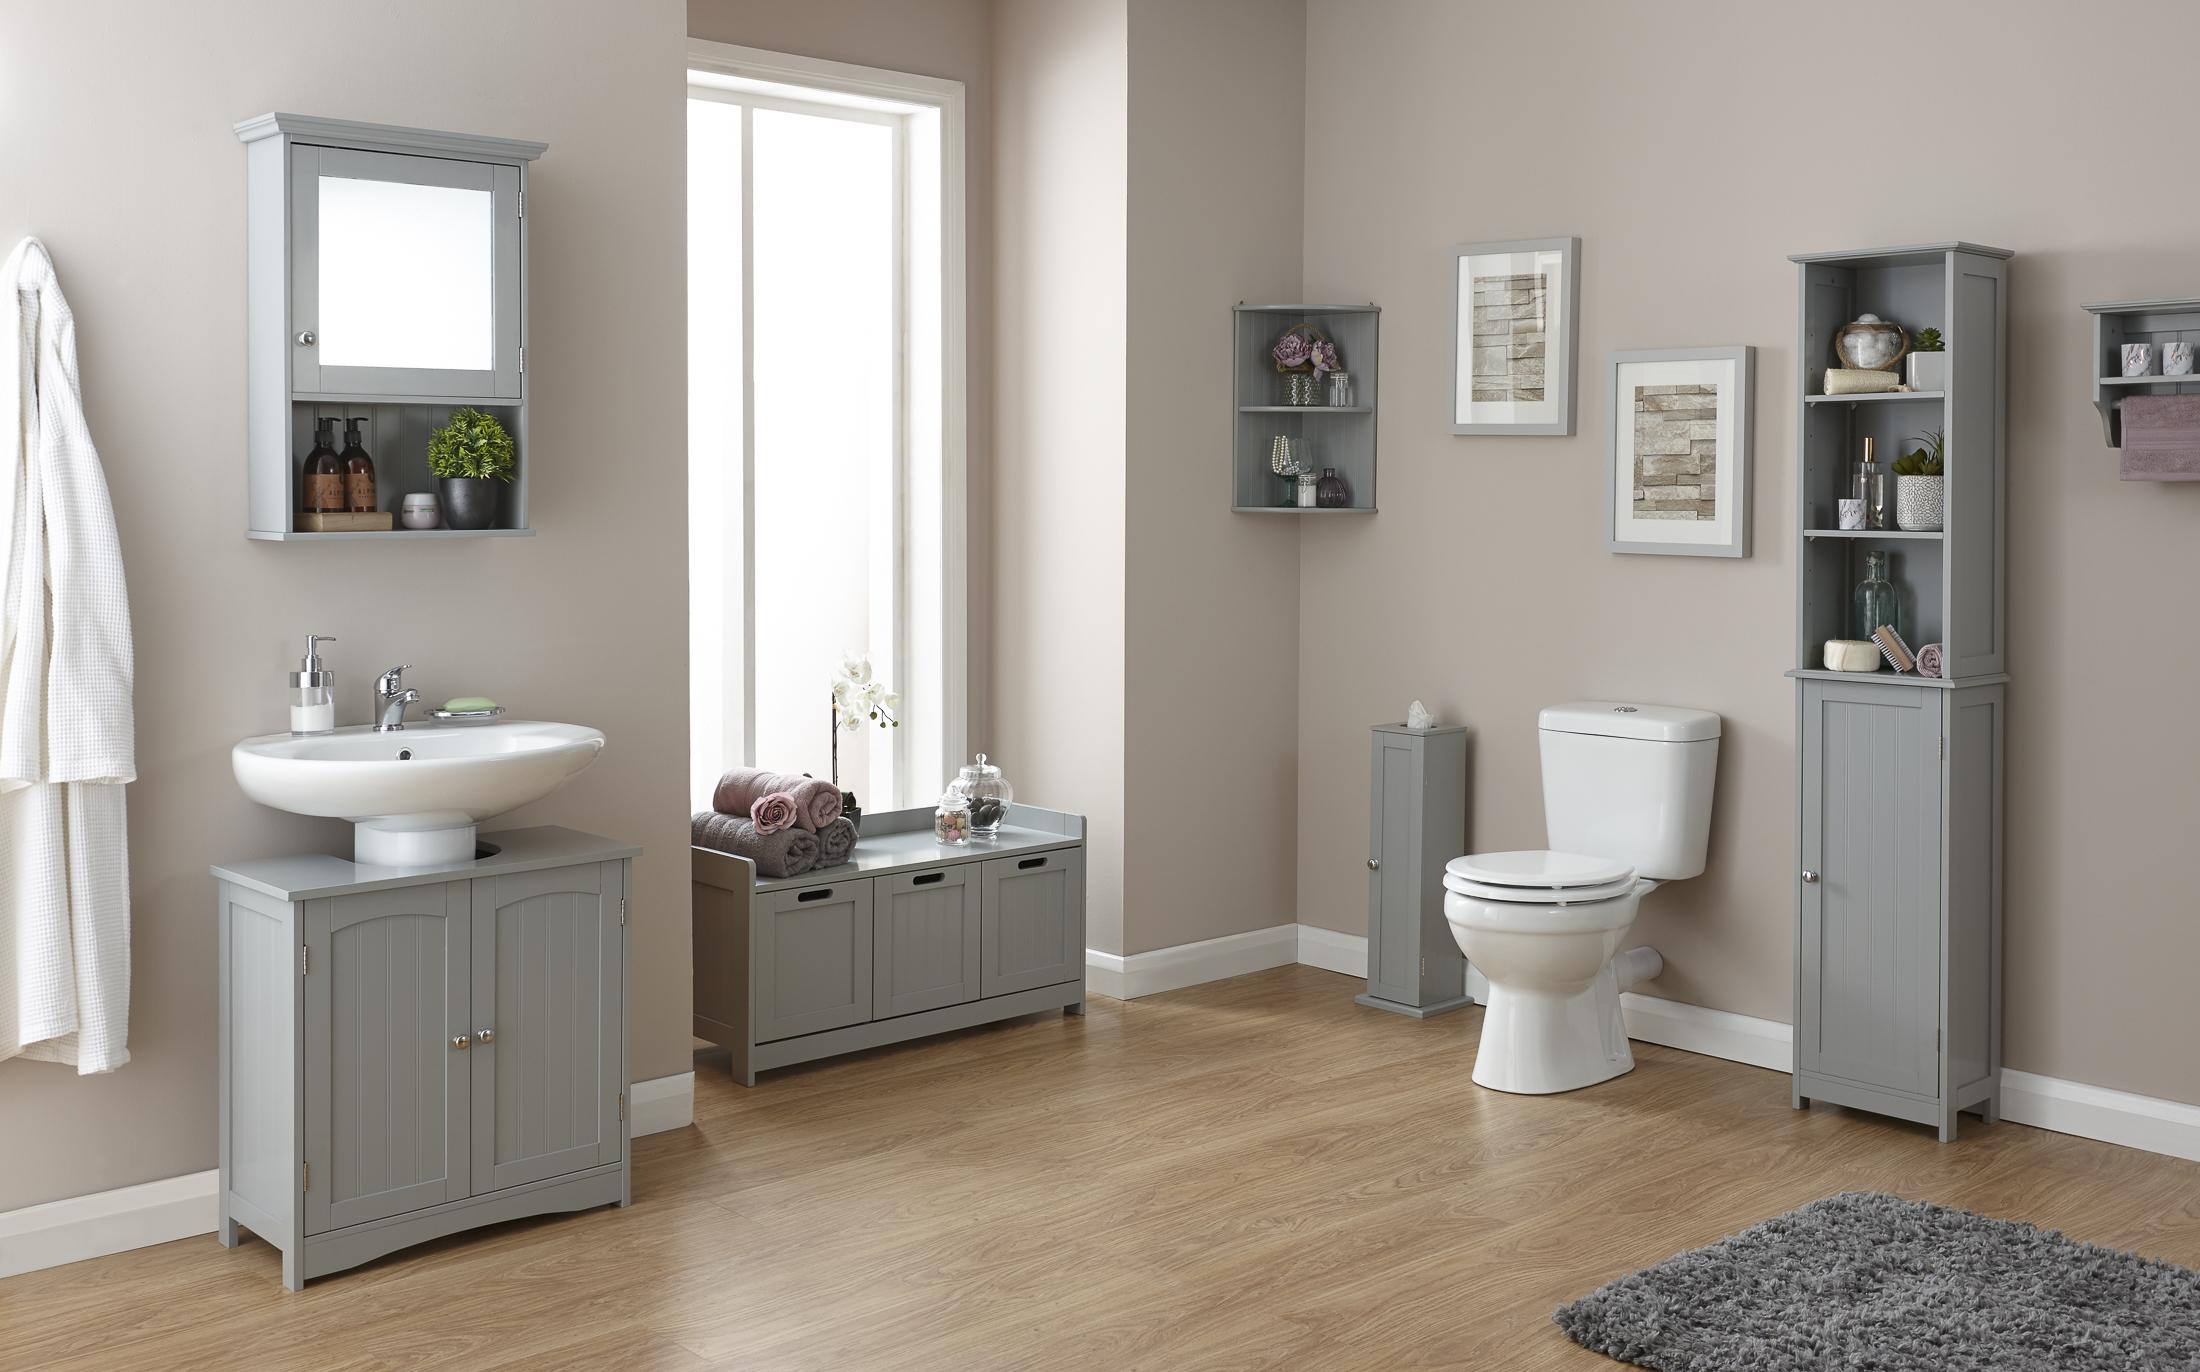 Montaż Mebli łazienkowych Montaż Mebli Dla Toalet Ikea